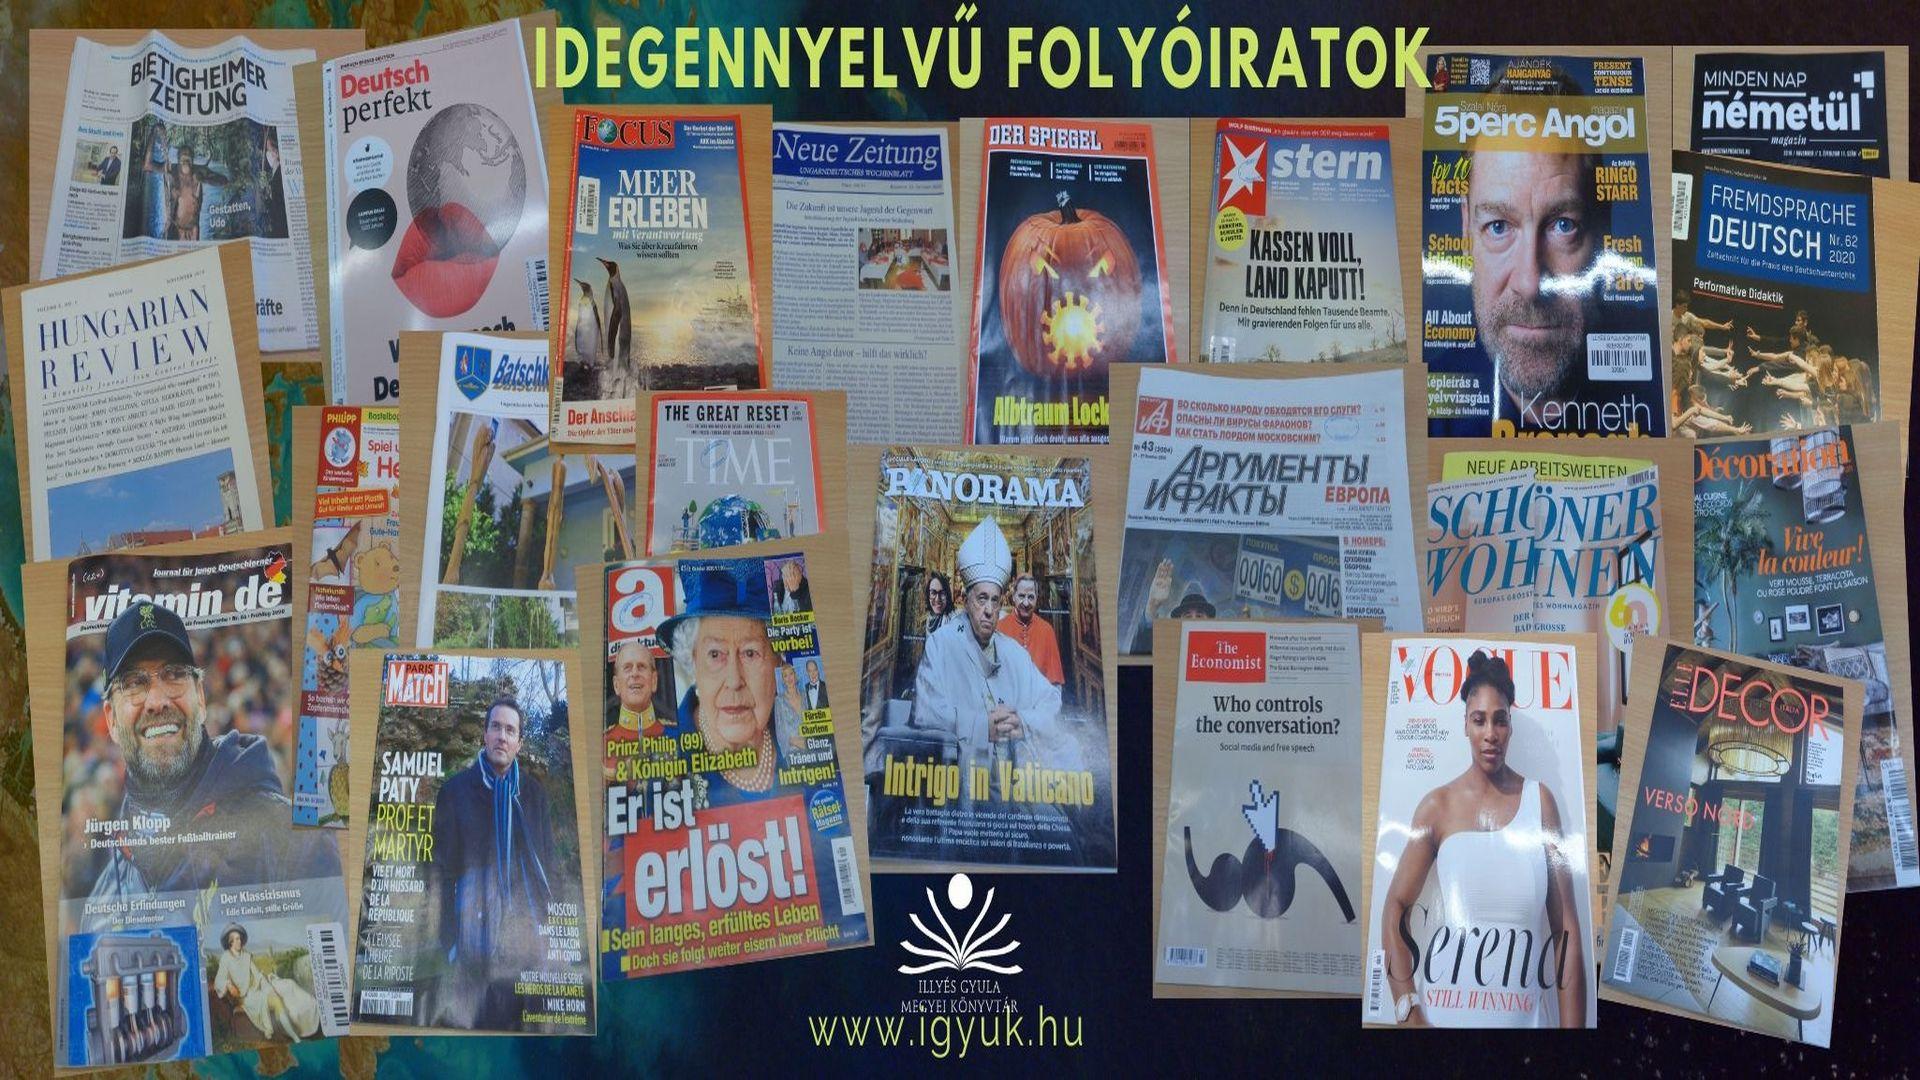 Idegennyelvű folyóirataink